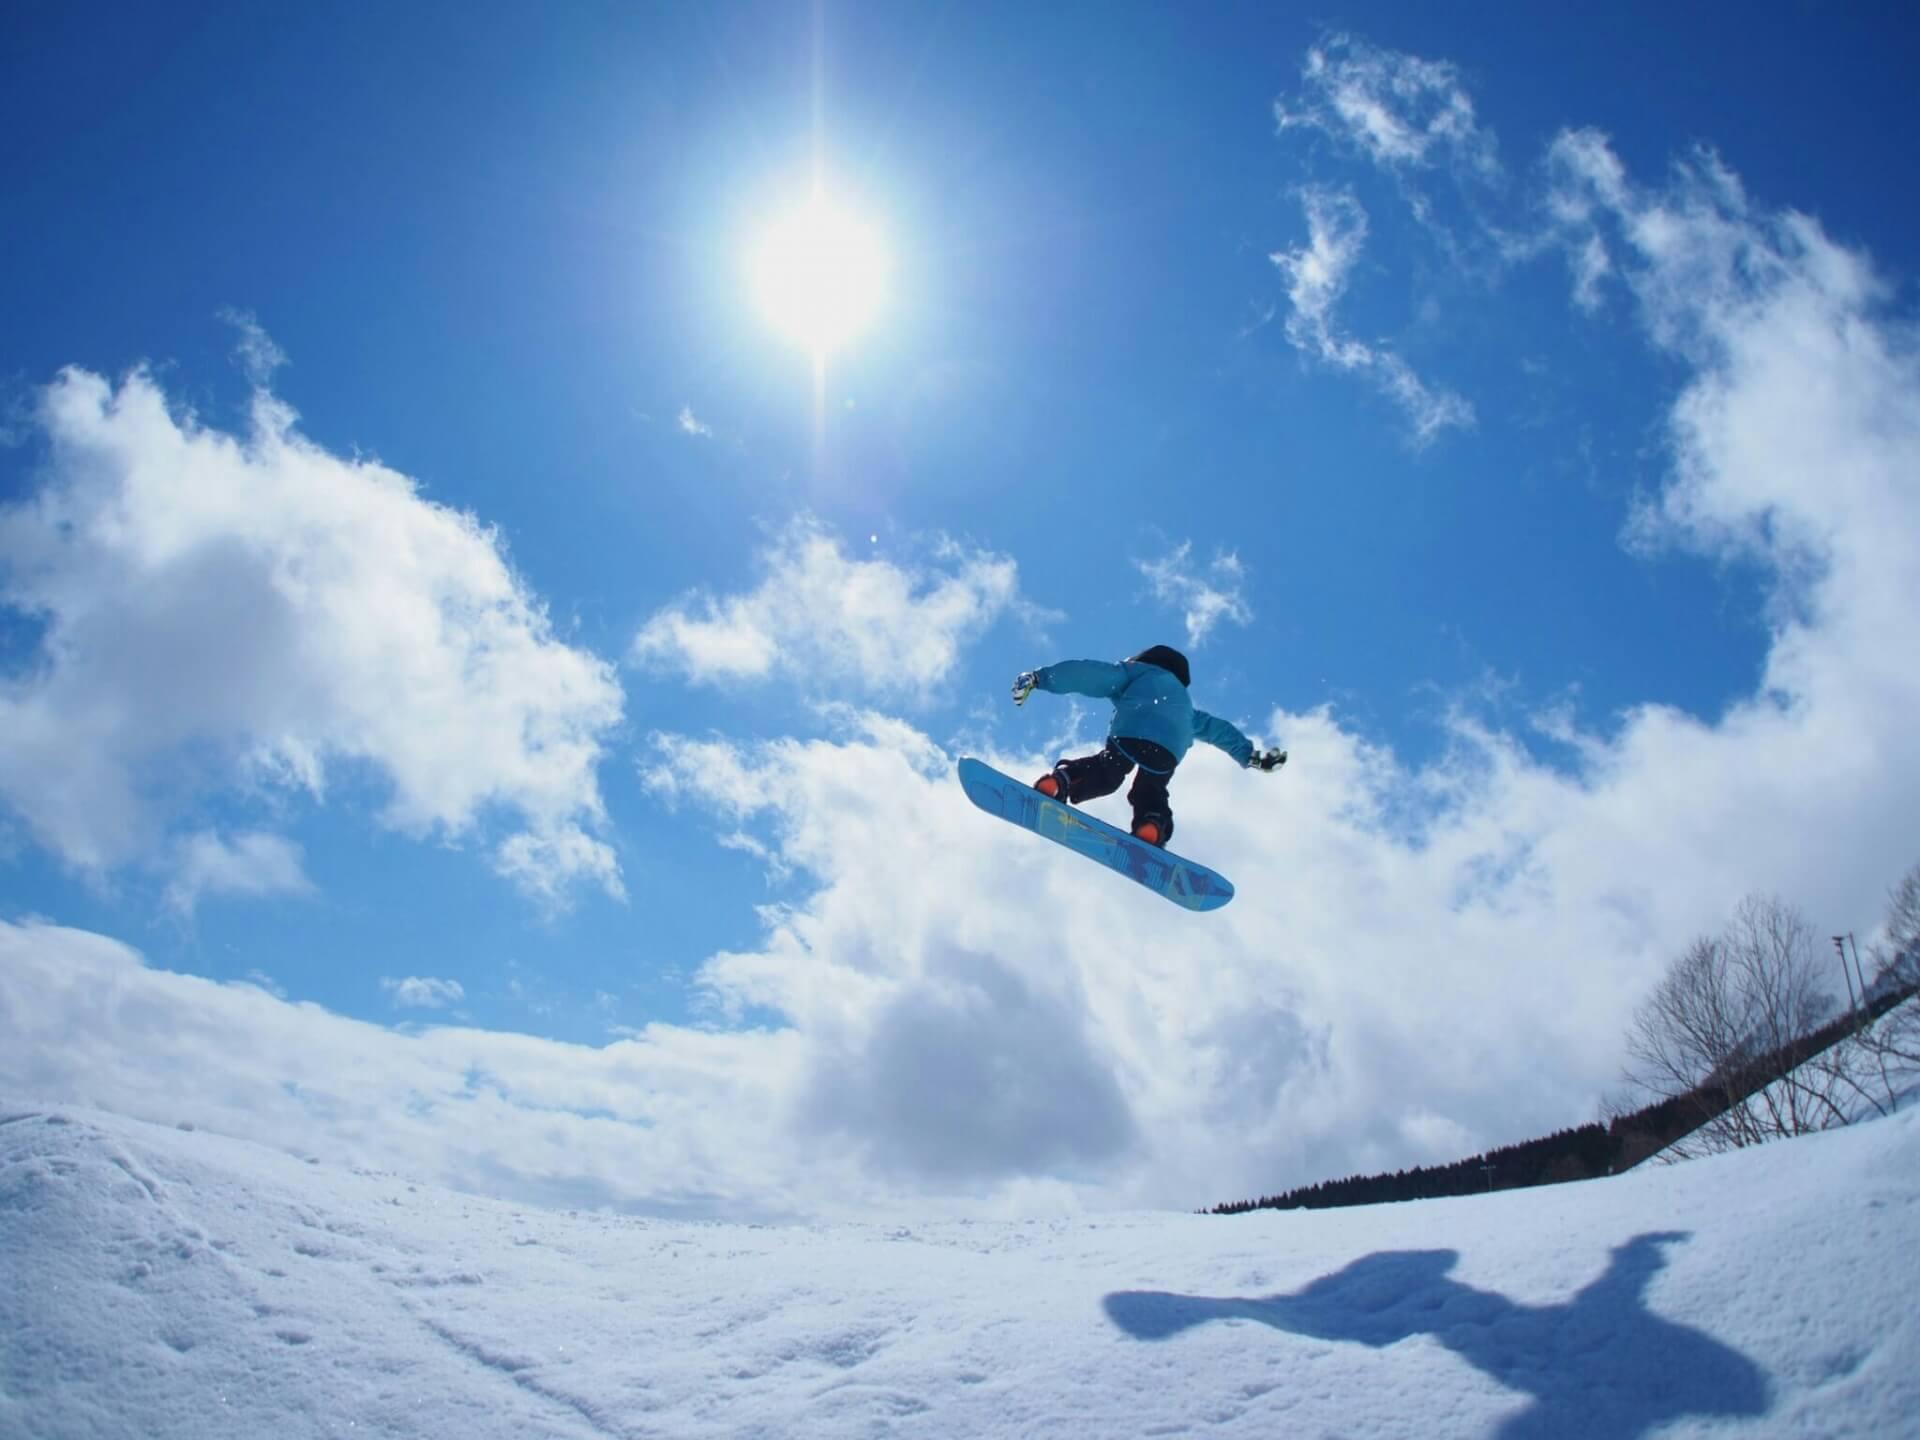 滑りが変わる!スノーボードのスタンスの取り方